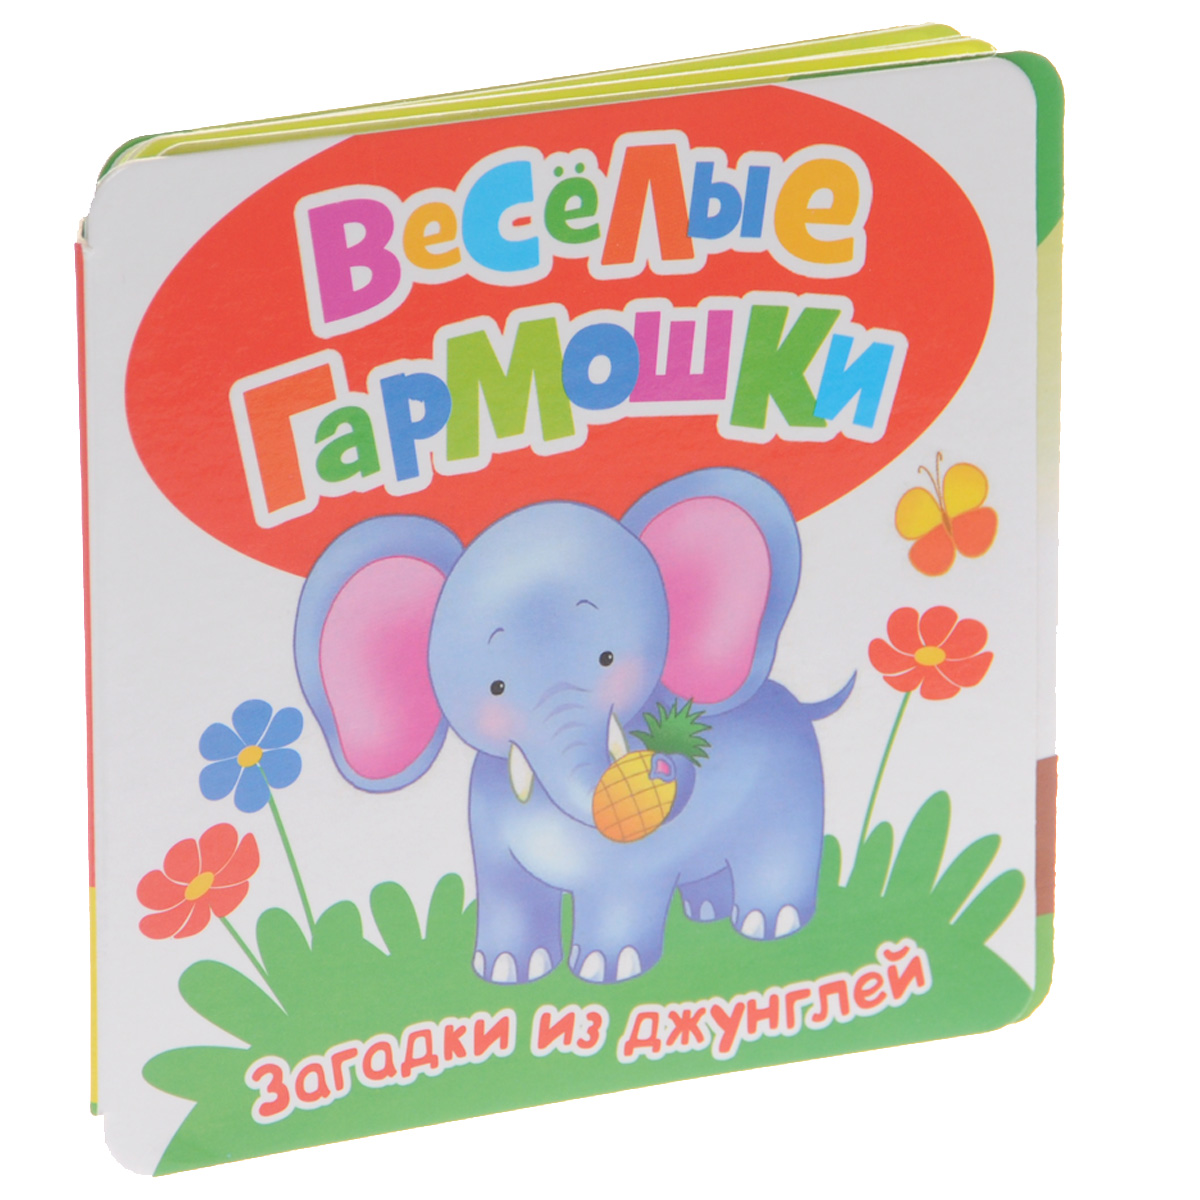 Михаил Грозовский Загадки из джунглей росмэн книга для малышей веселые гармошки загадки из джунглей